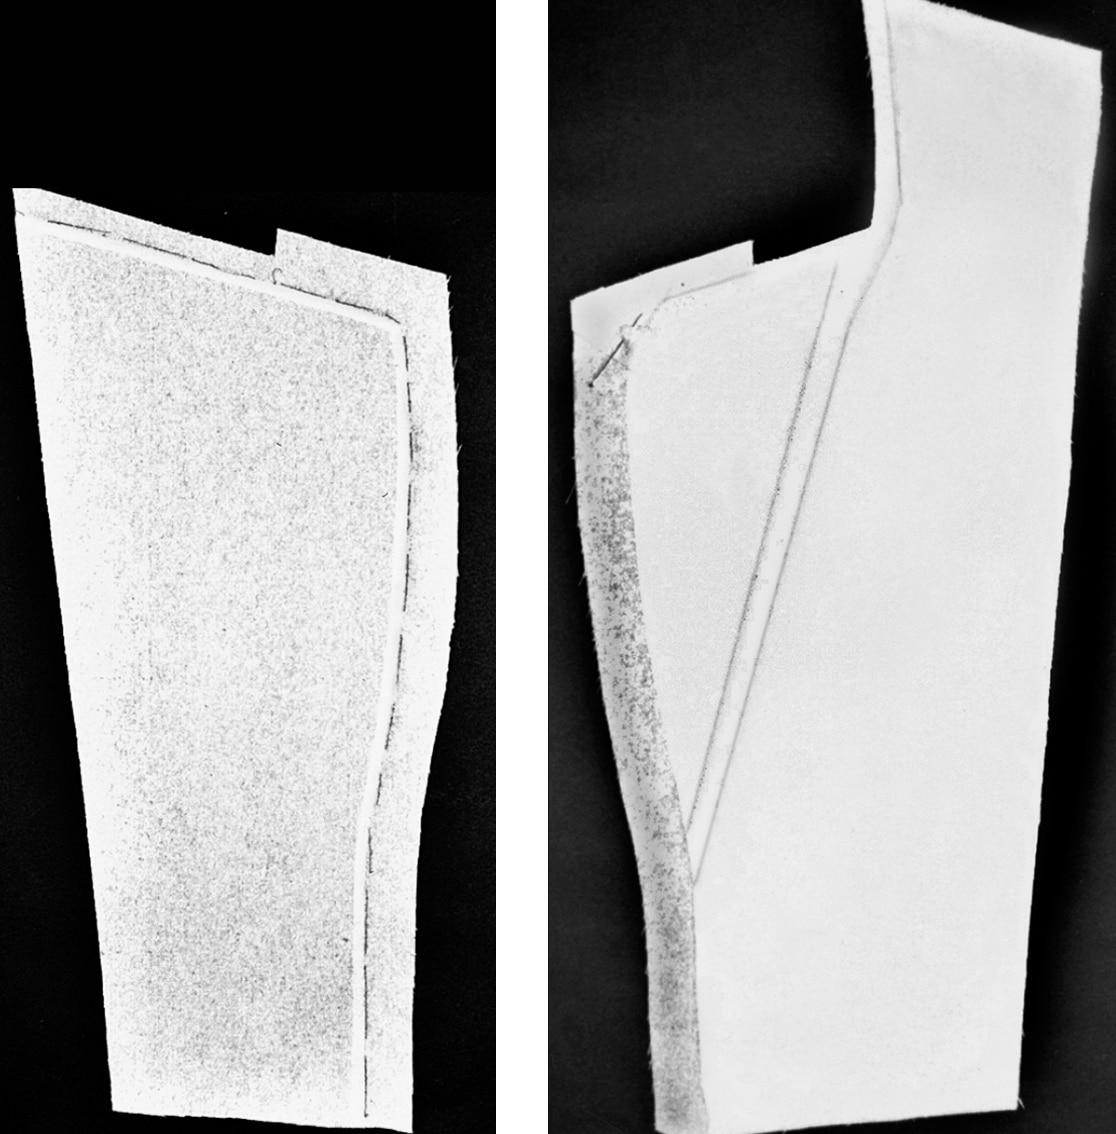 Gezeigt werden die zugeschnitttenen Teile eines Revers mit Fransen